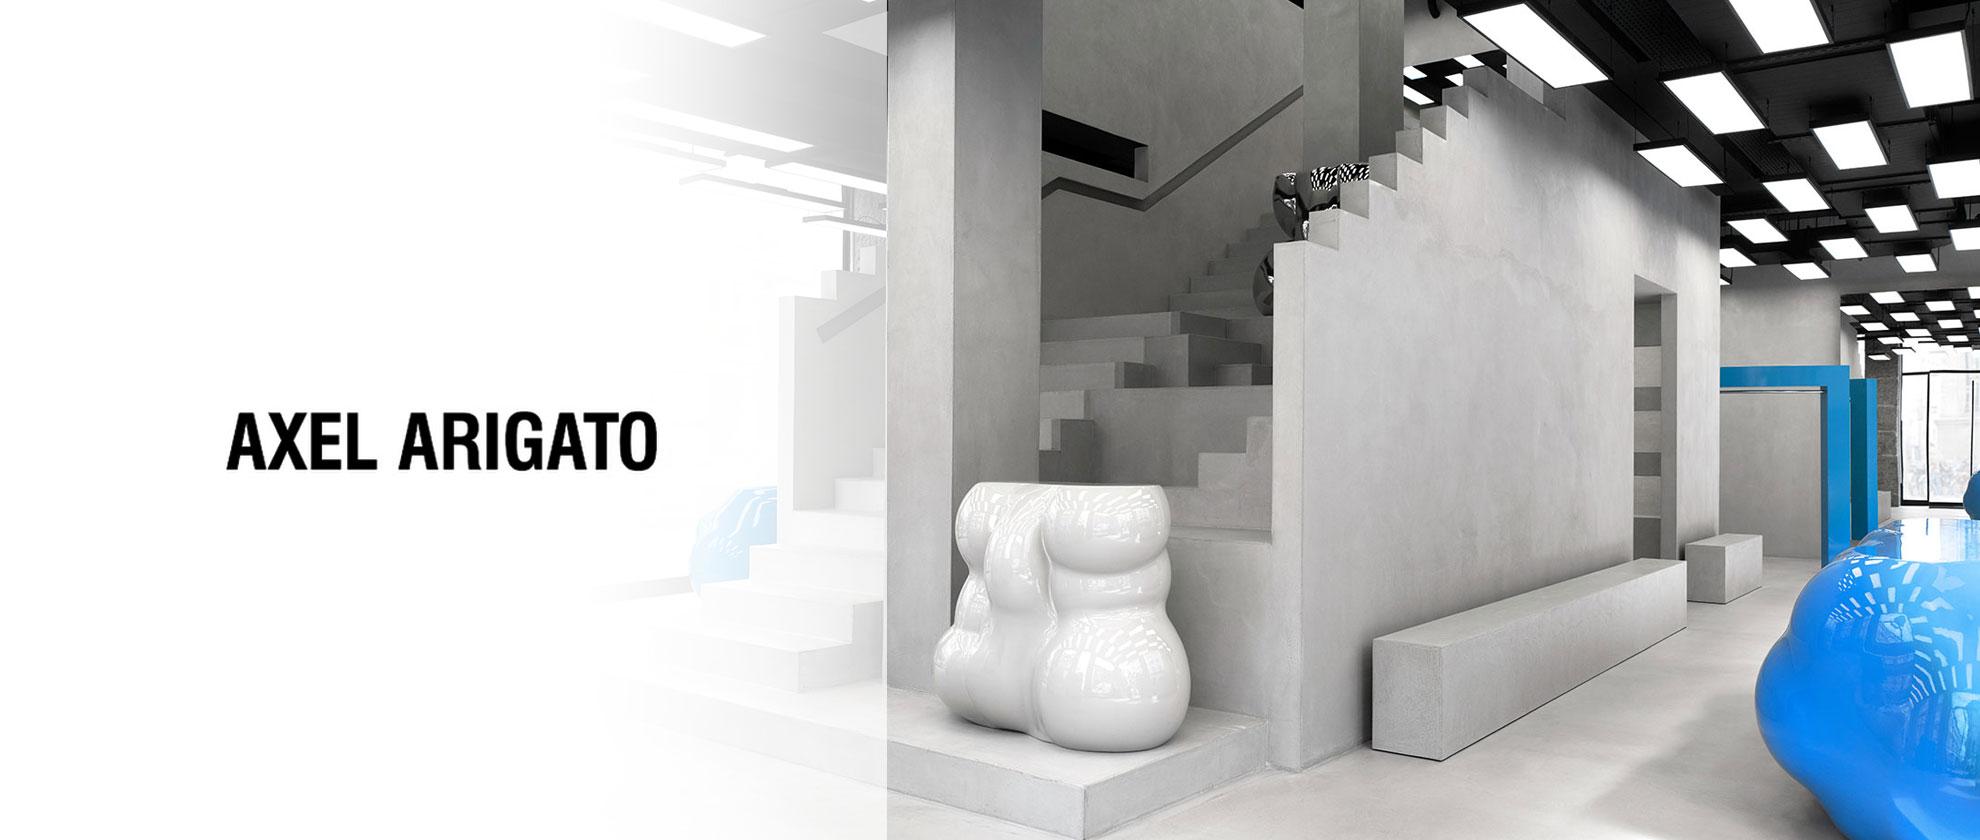 Brand Spotlight: Axel Arigato